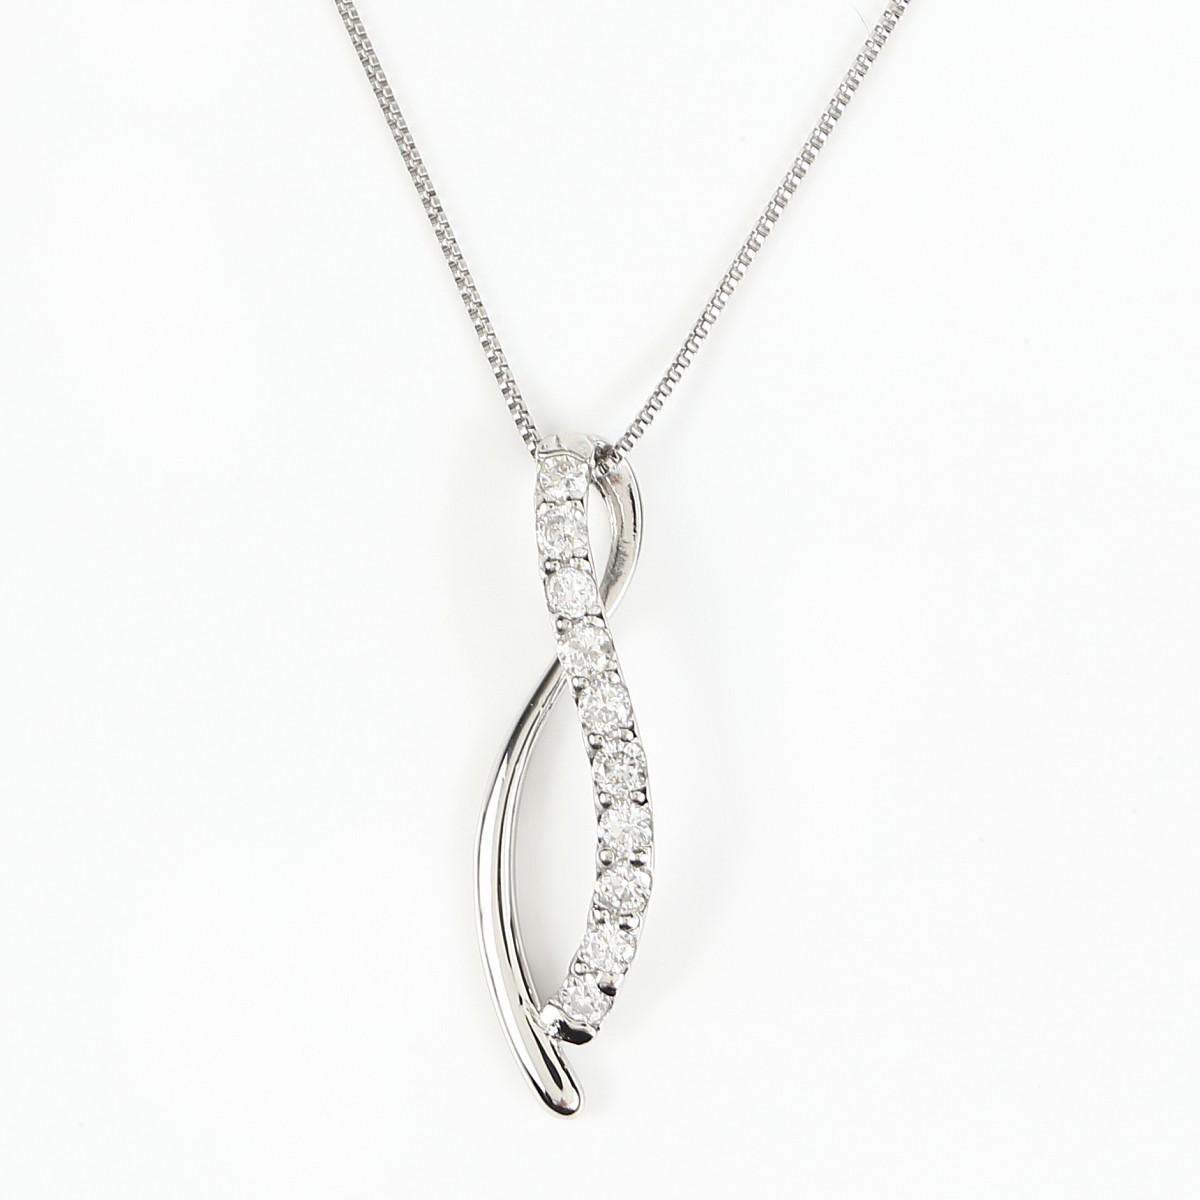 プラチナ Pt900 ダイヤモンドネックレス ダイヤ 0.2ct (Pt850 0.5mm 40cm ベネチアンチェーン)